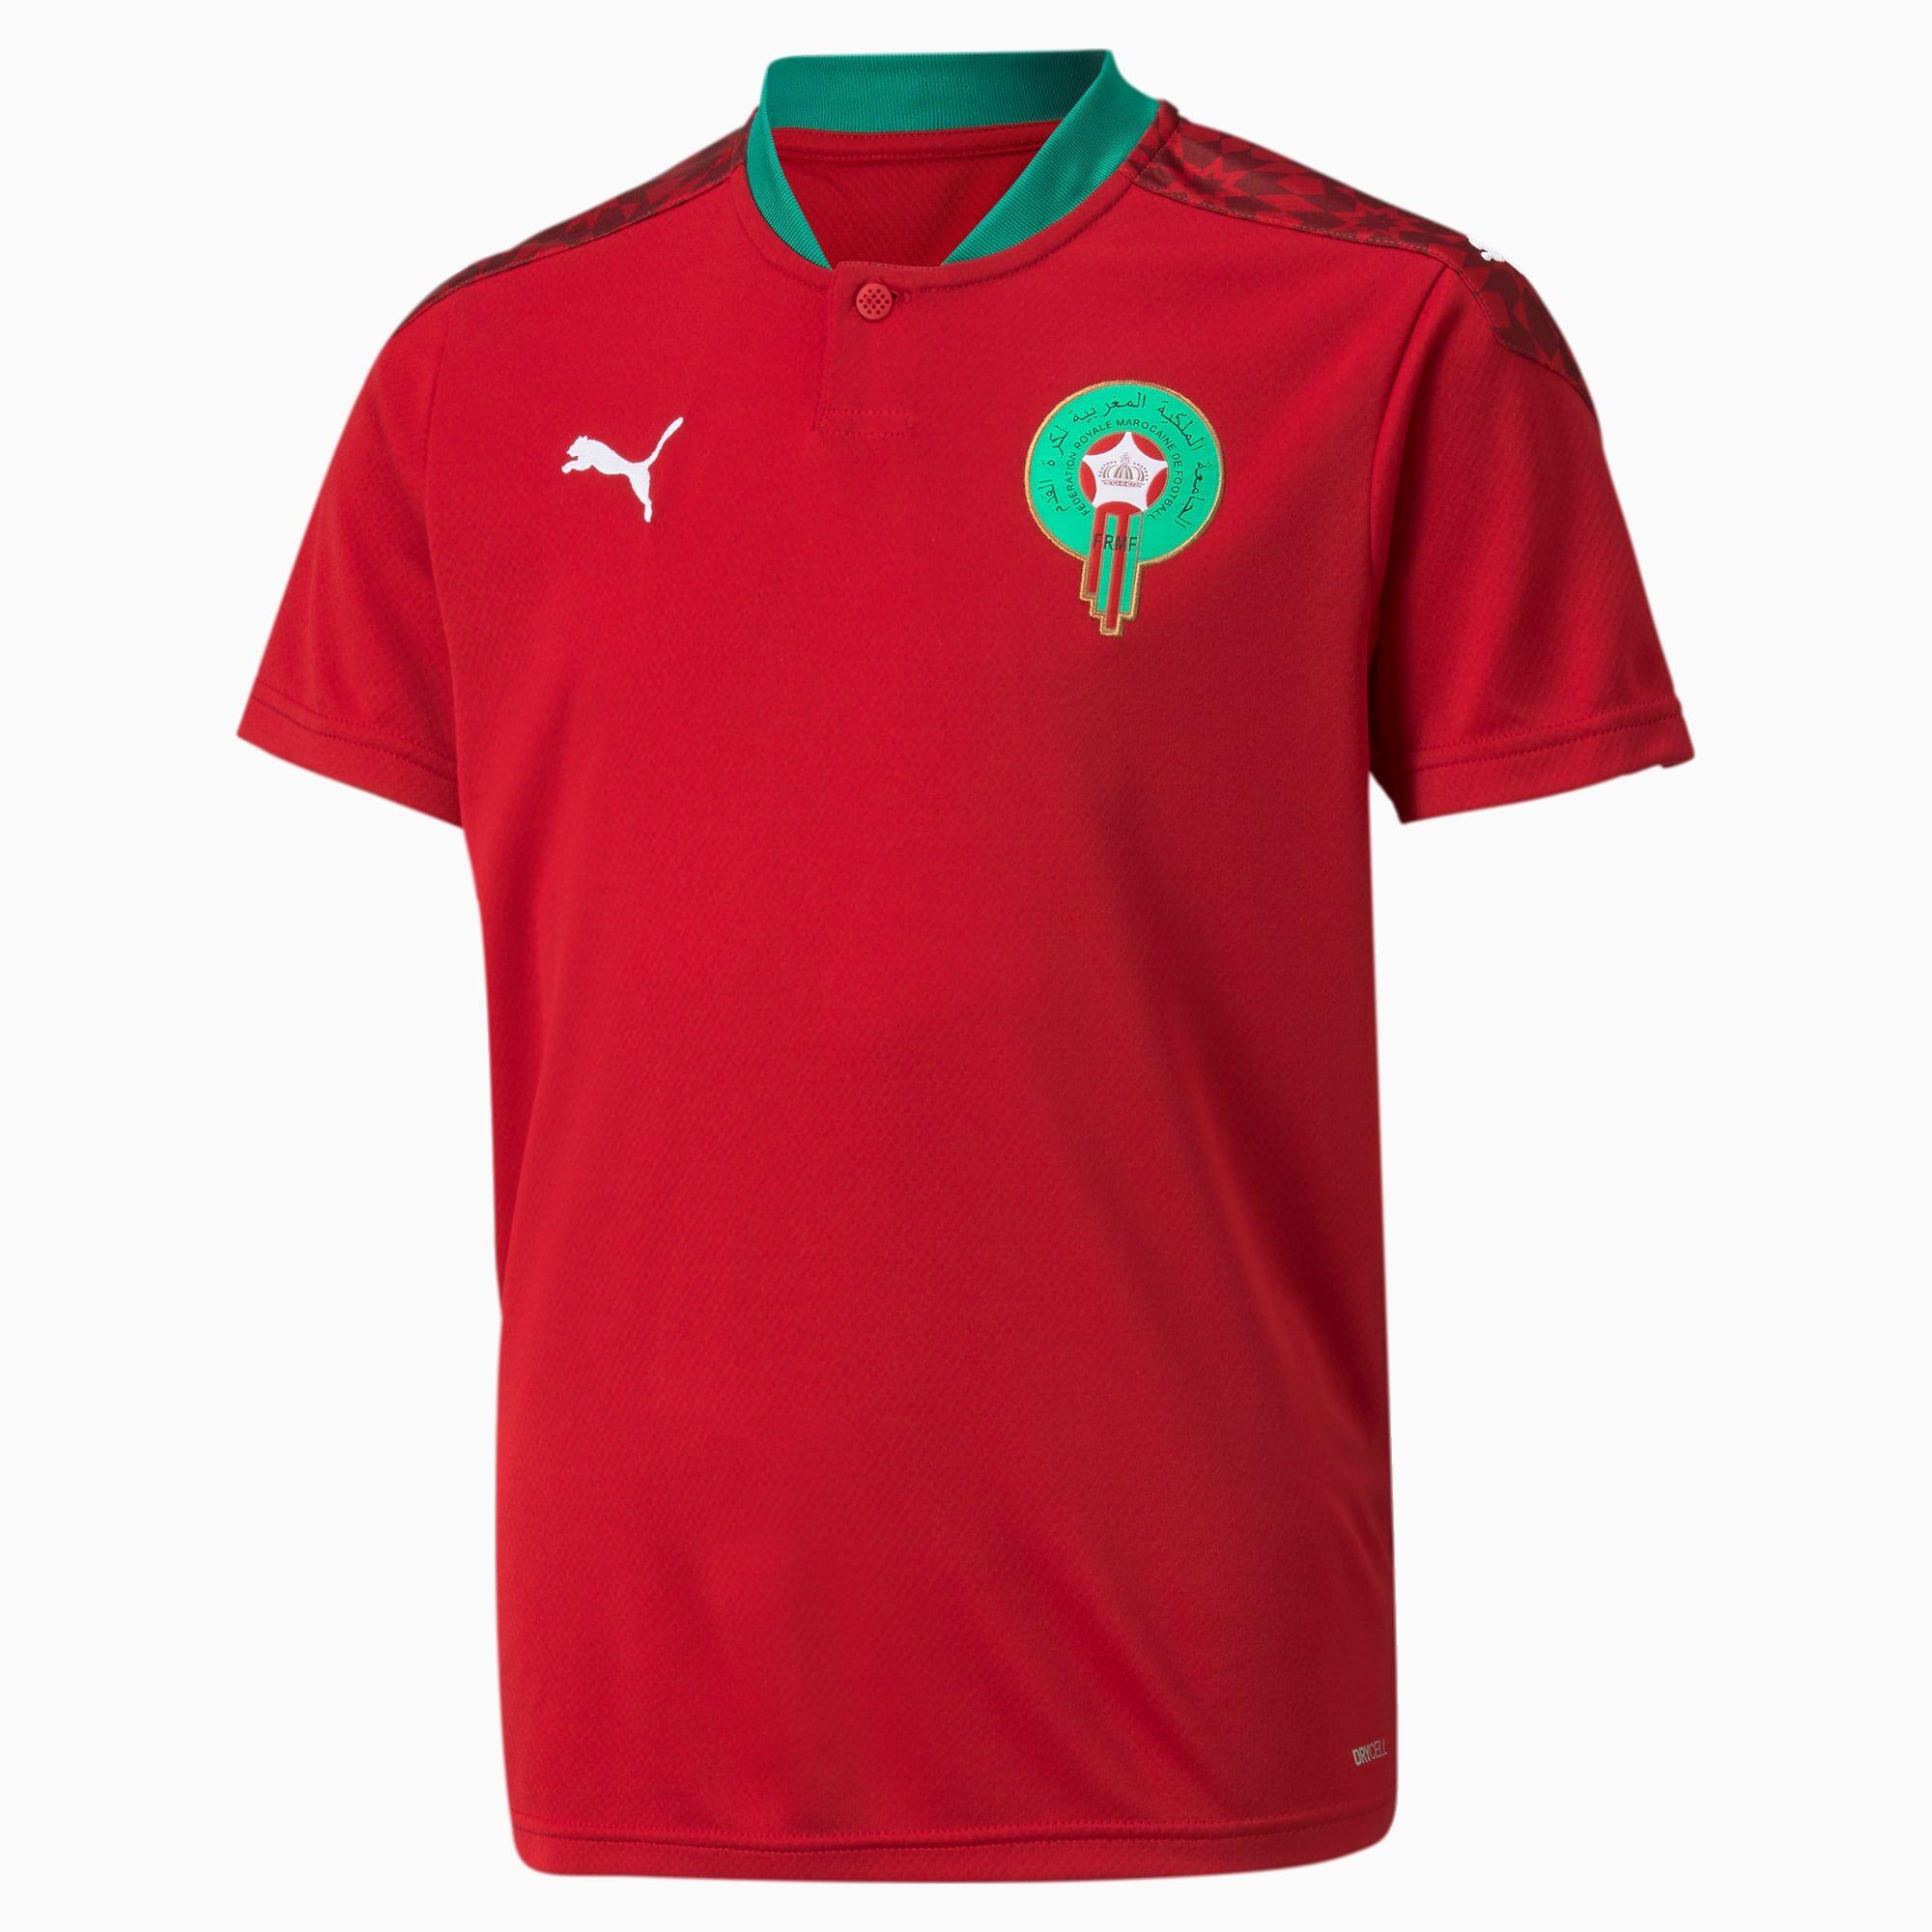 PUMA Maillot Domicile Maroc Youth Replica pour Enfant, Rouge/Blanc, Taille 164, Vêtements